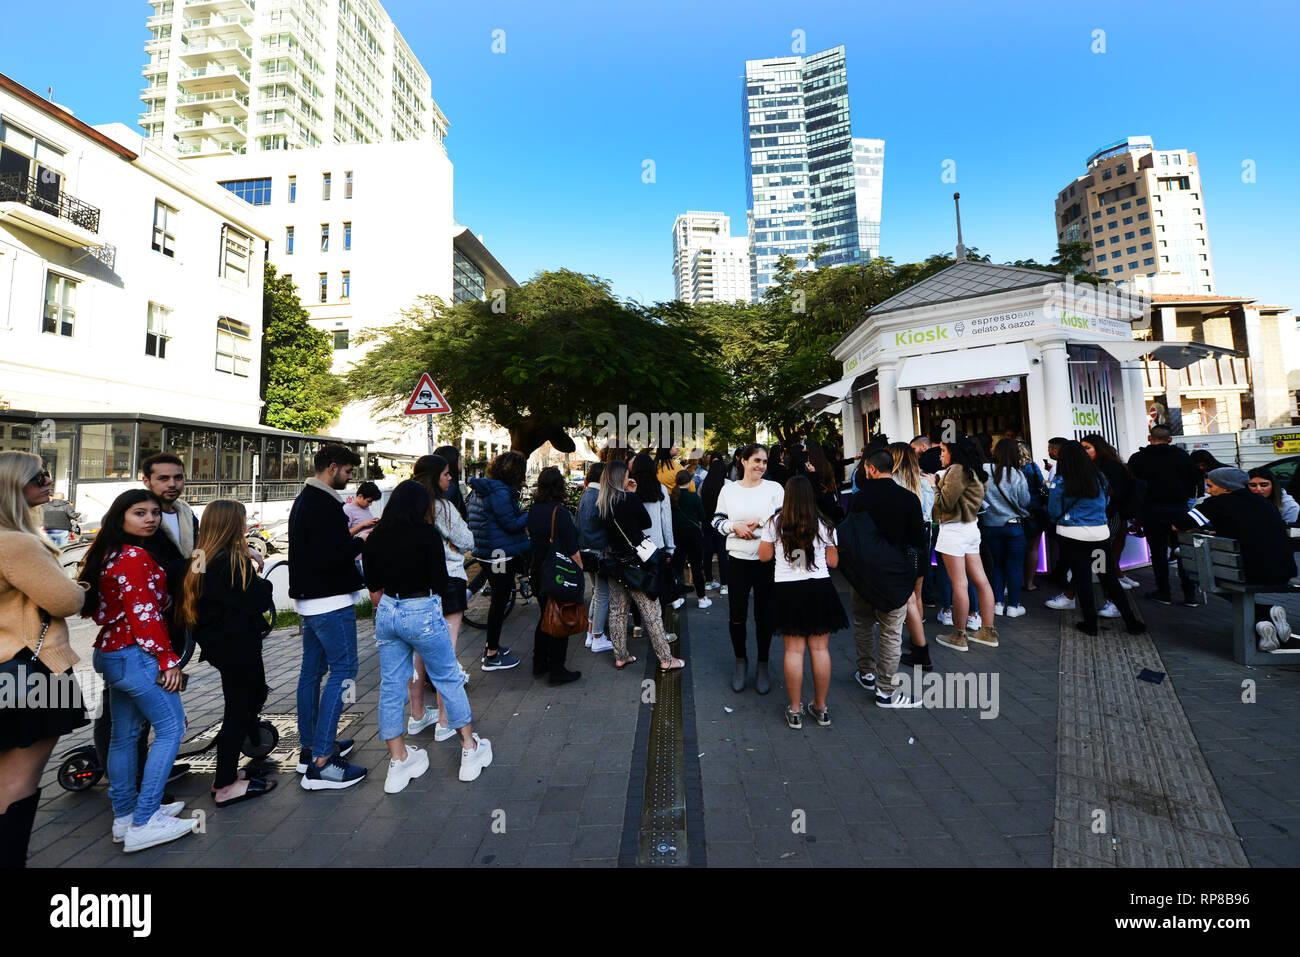 The first Kiosk on the trendyRothschild Boulevard in Tel Aviv's White City. - Stock Image